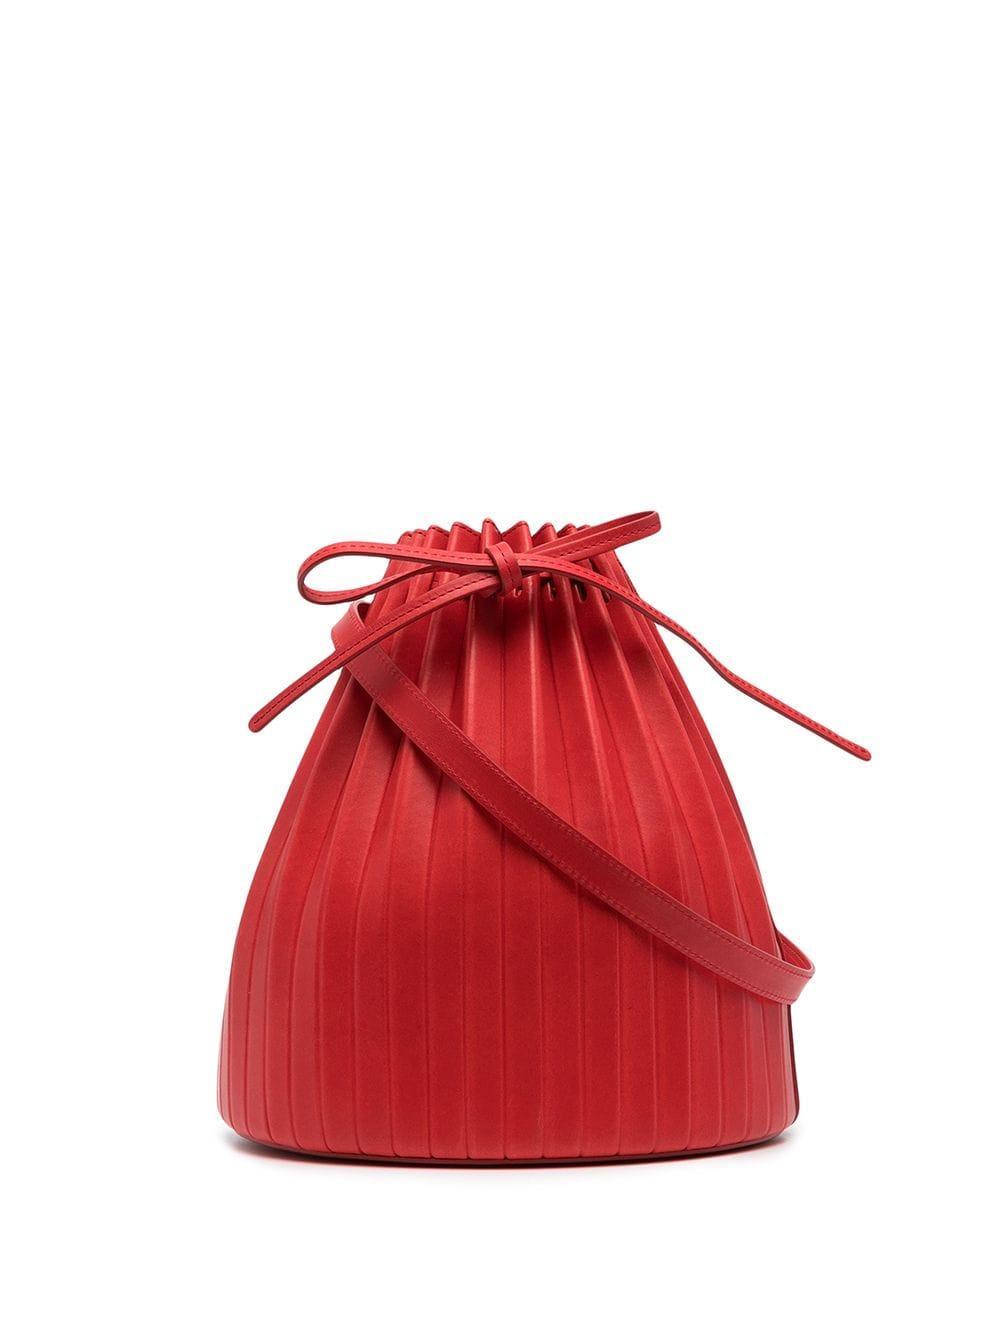 Pleated Bucket Bag